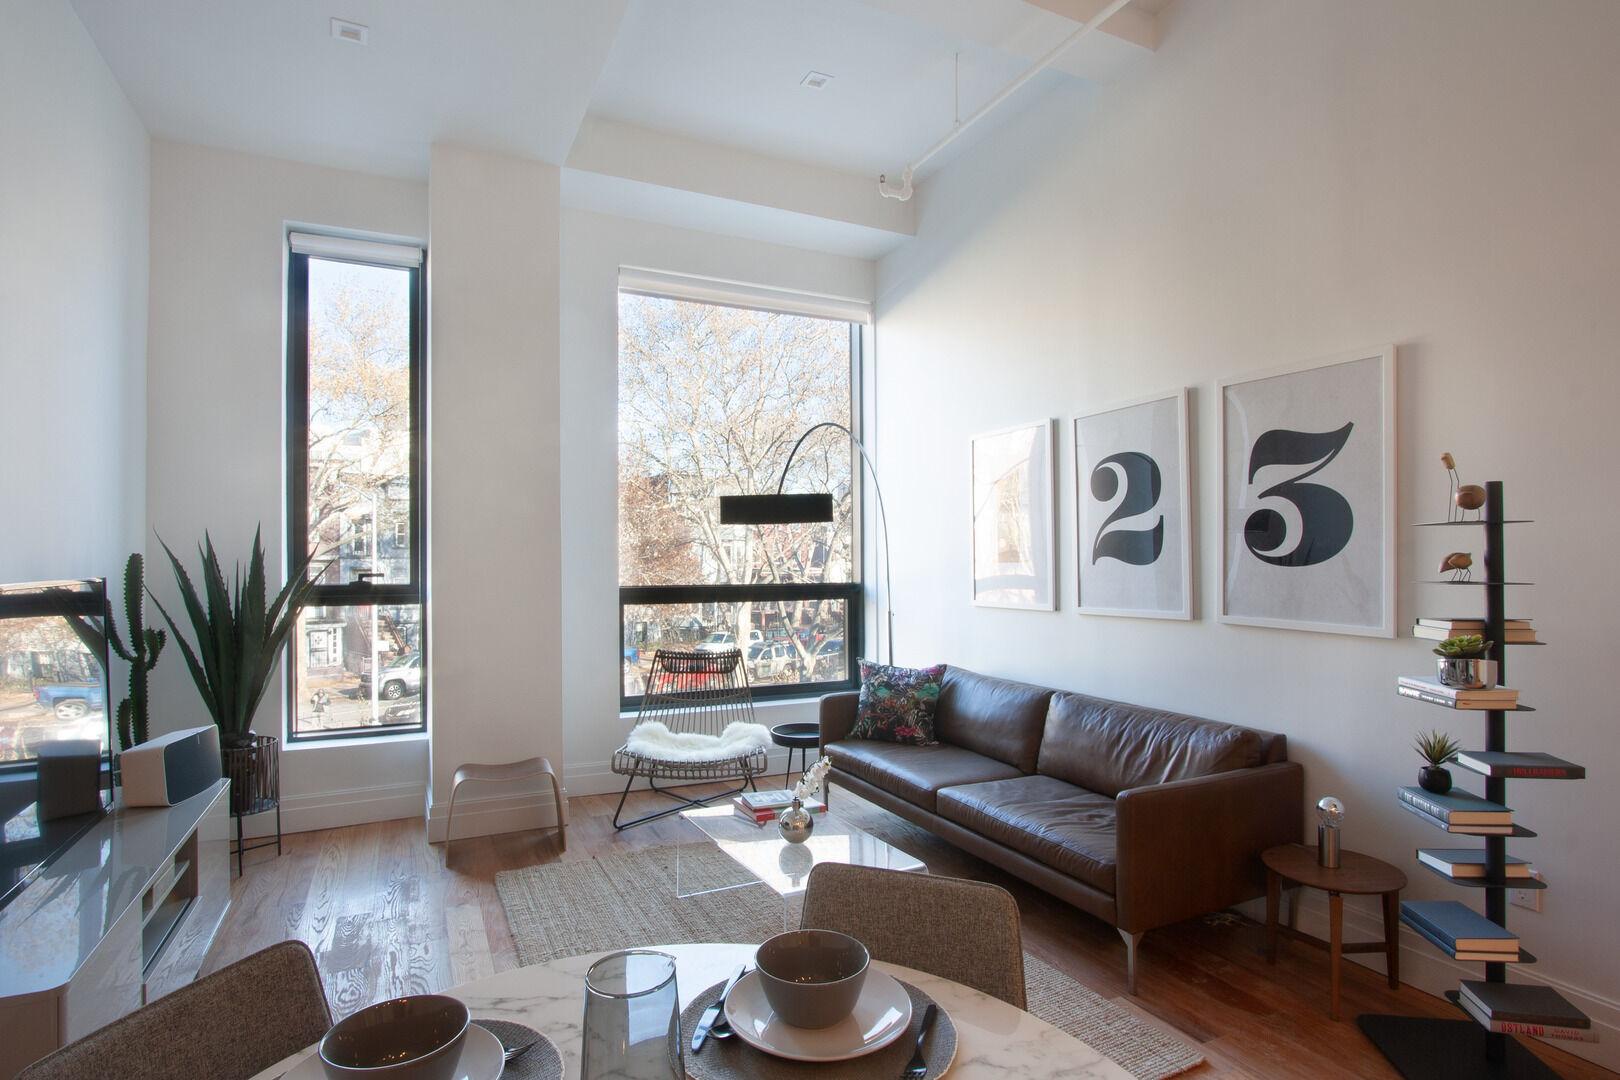 Apartment for sale at 850 Metropolitan Avenue, Apt 2D